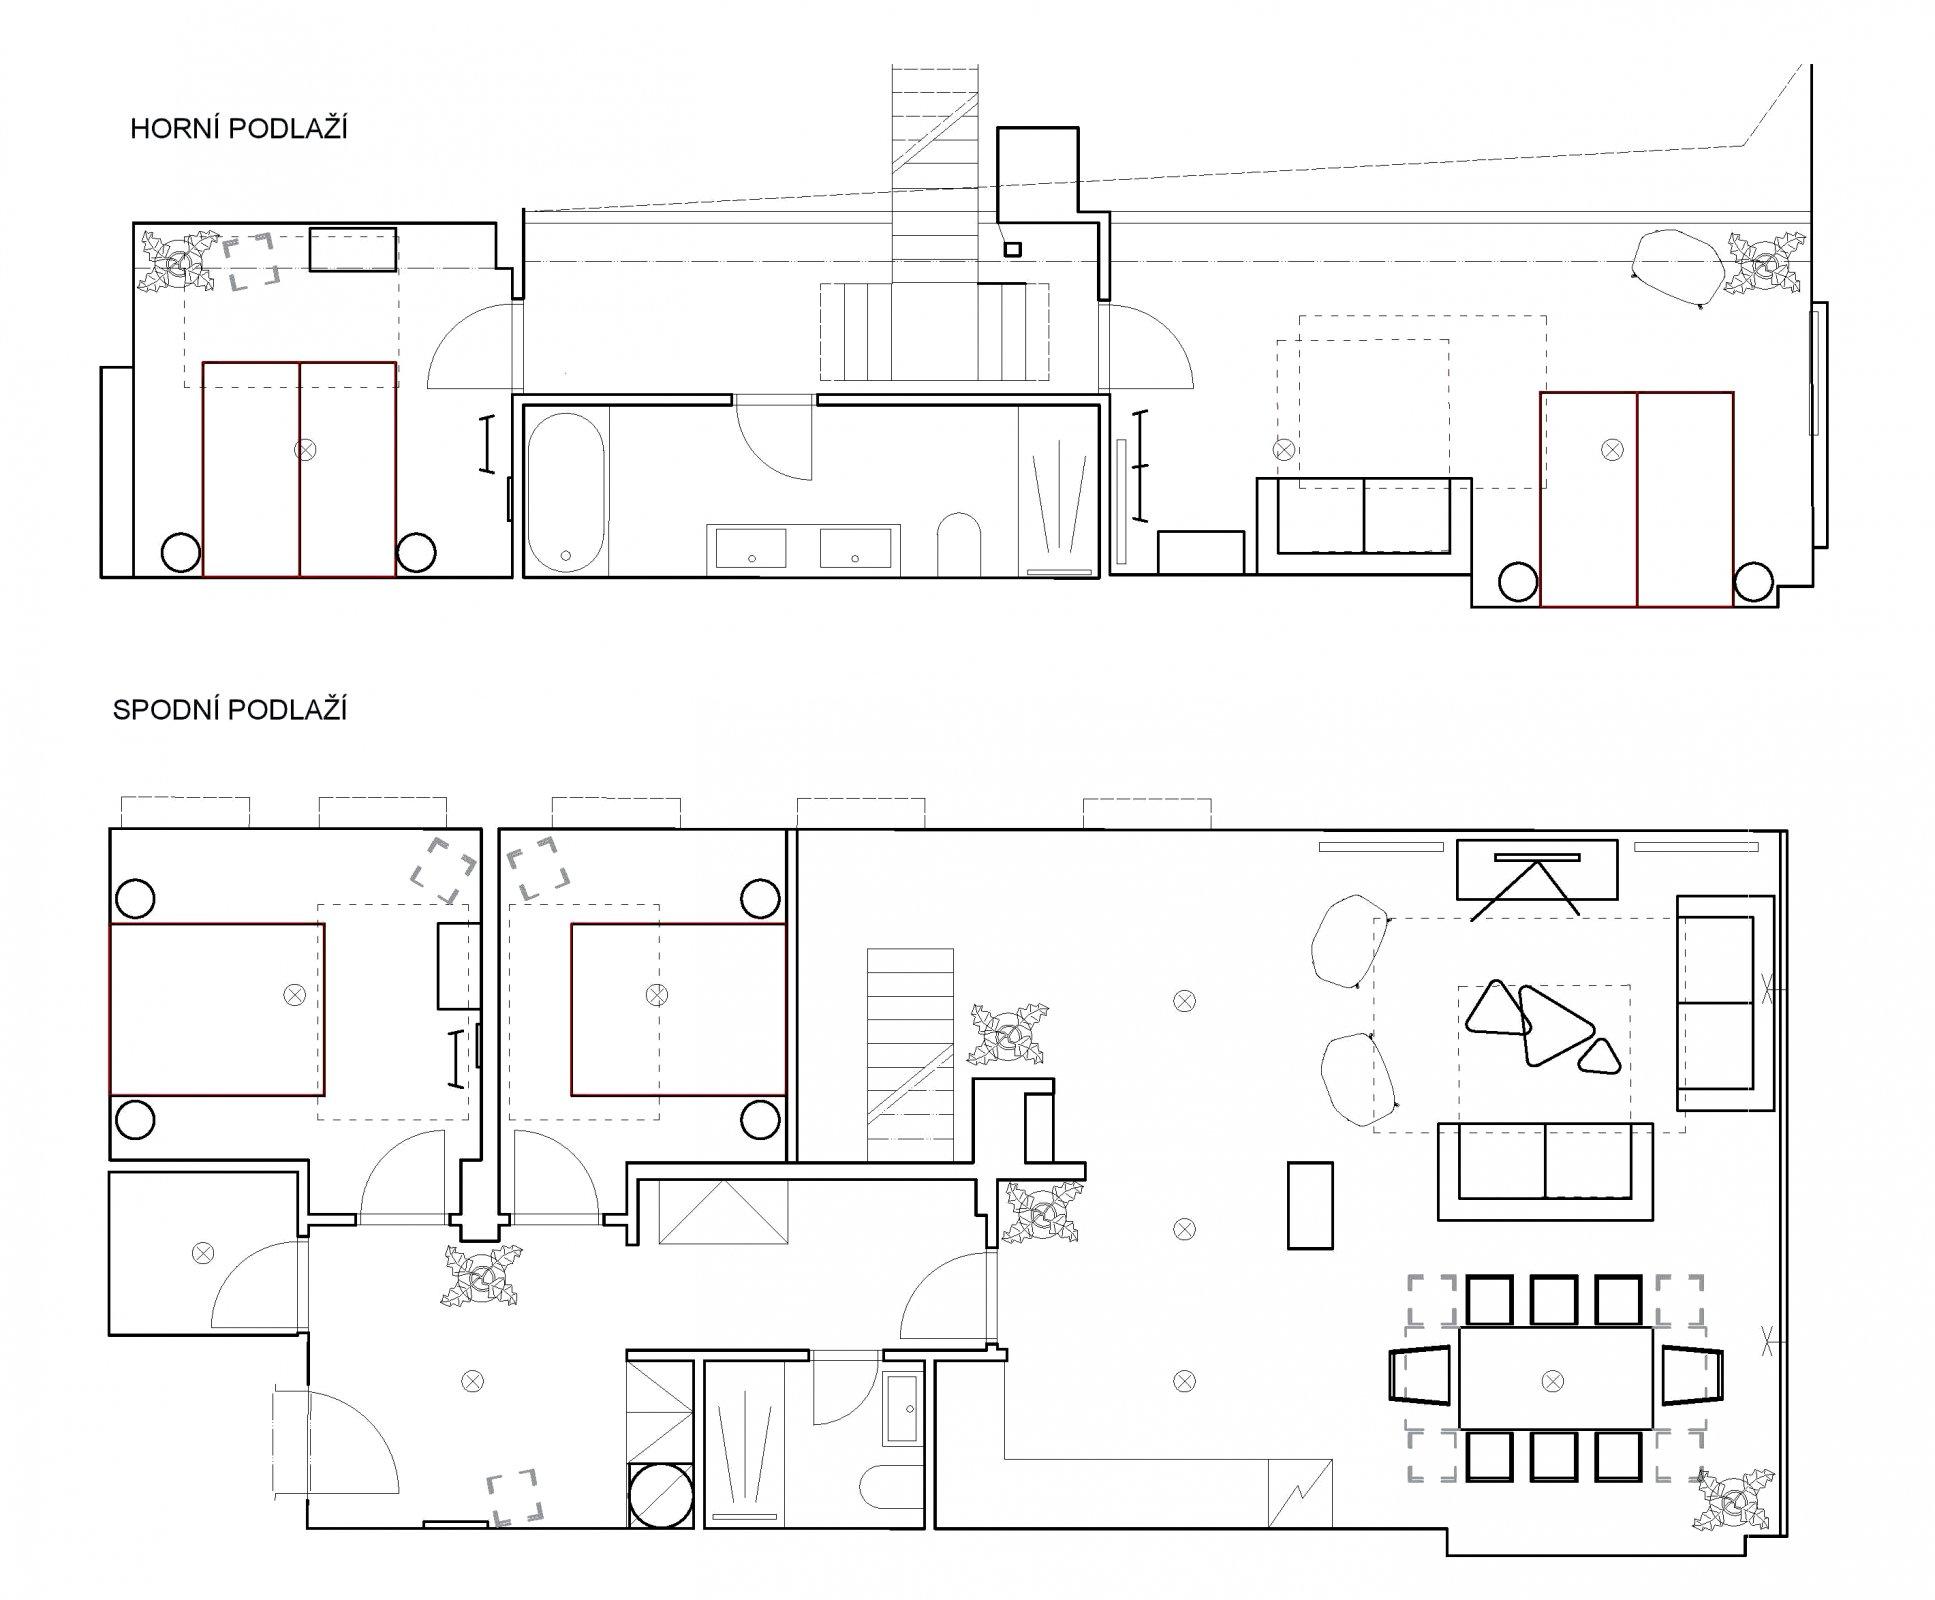 Půdorys - Půdní byt 5+kk, plocha 132 m², ulice U Půjčovny, Praha 1 - Nové Město